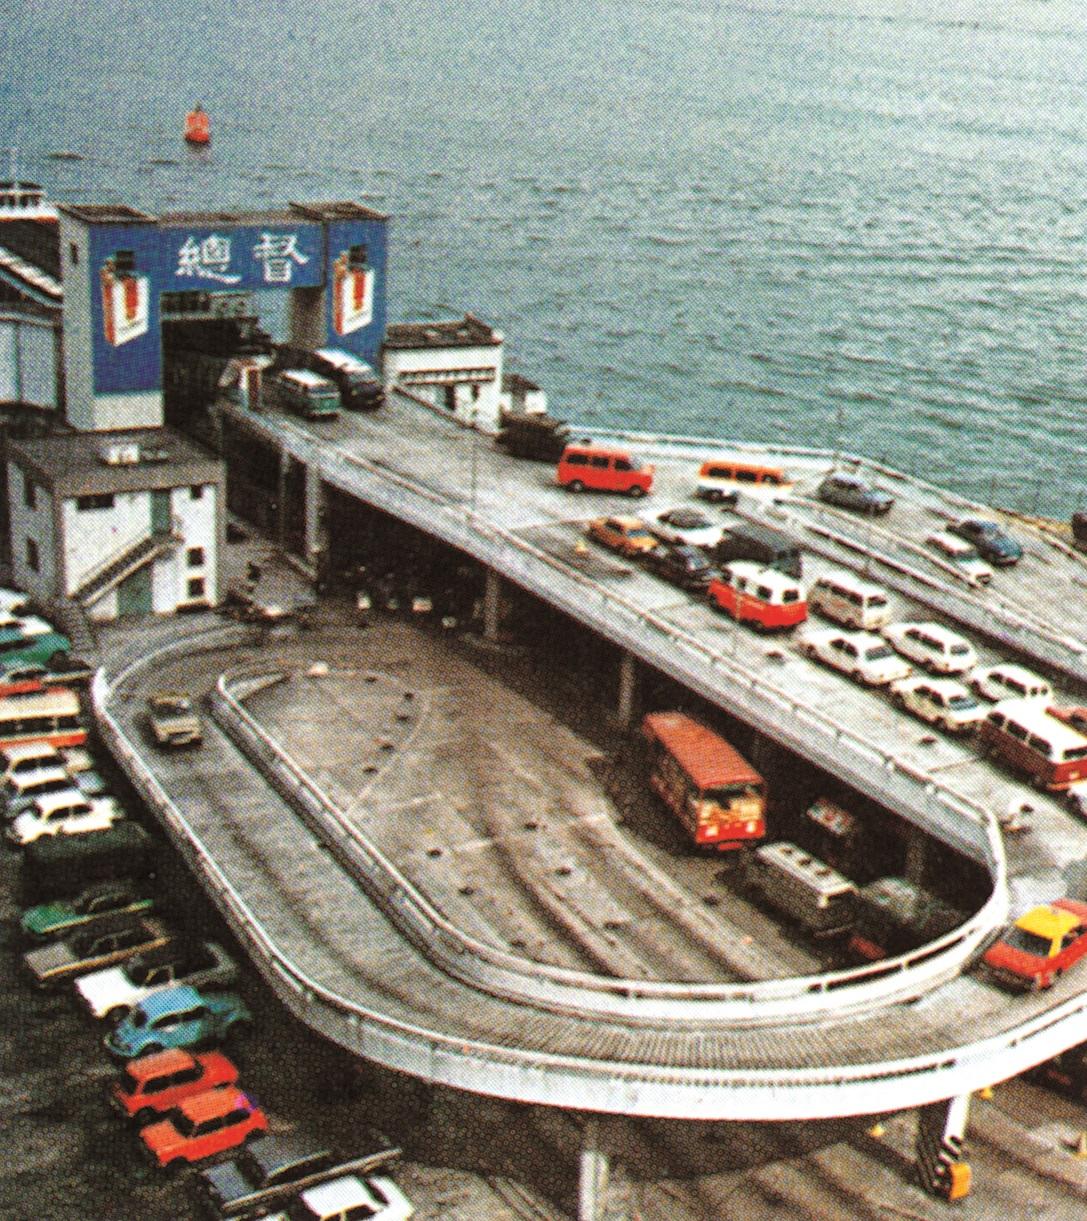 http://ubeat.com.cuhk.edu.hk/wp-content/uploads/2018/139_ferry_08.jpg